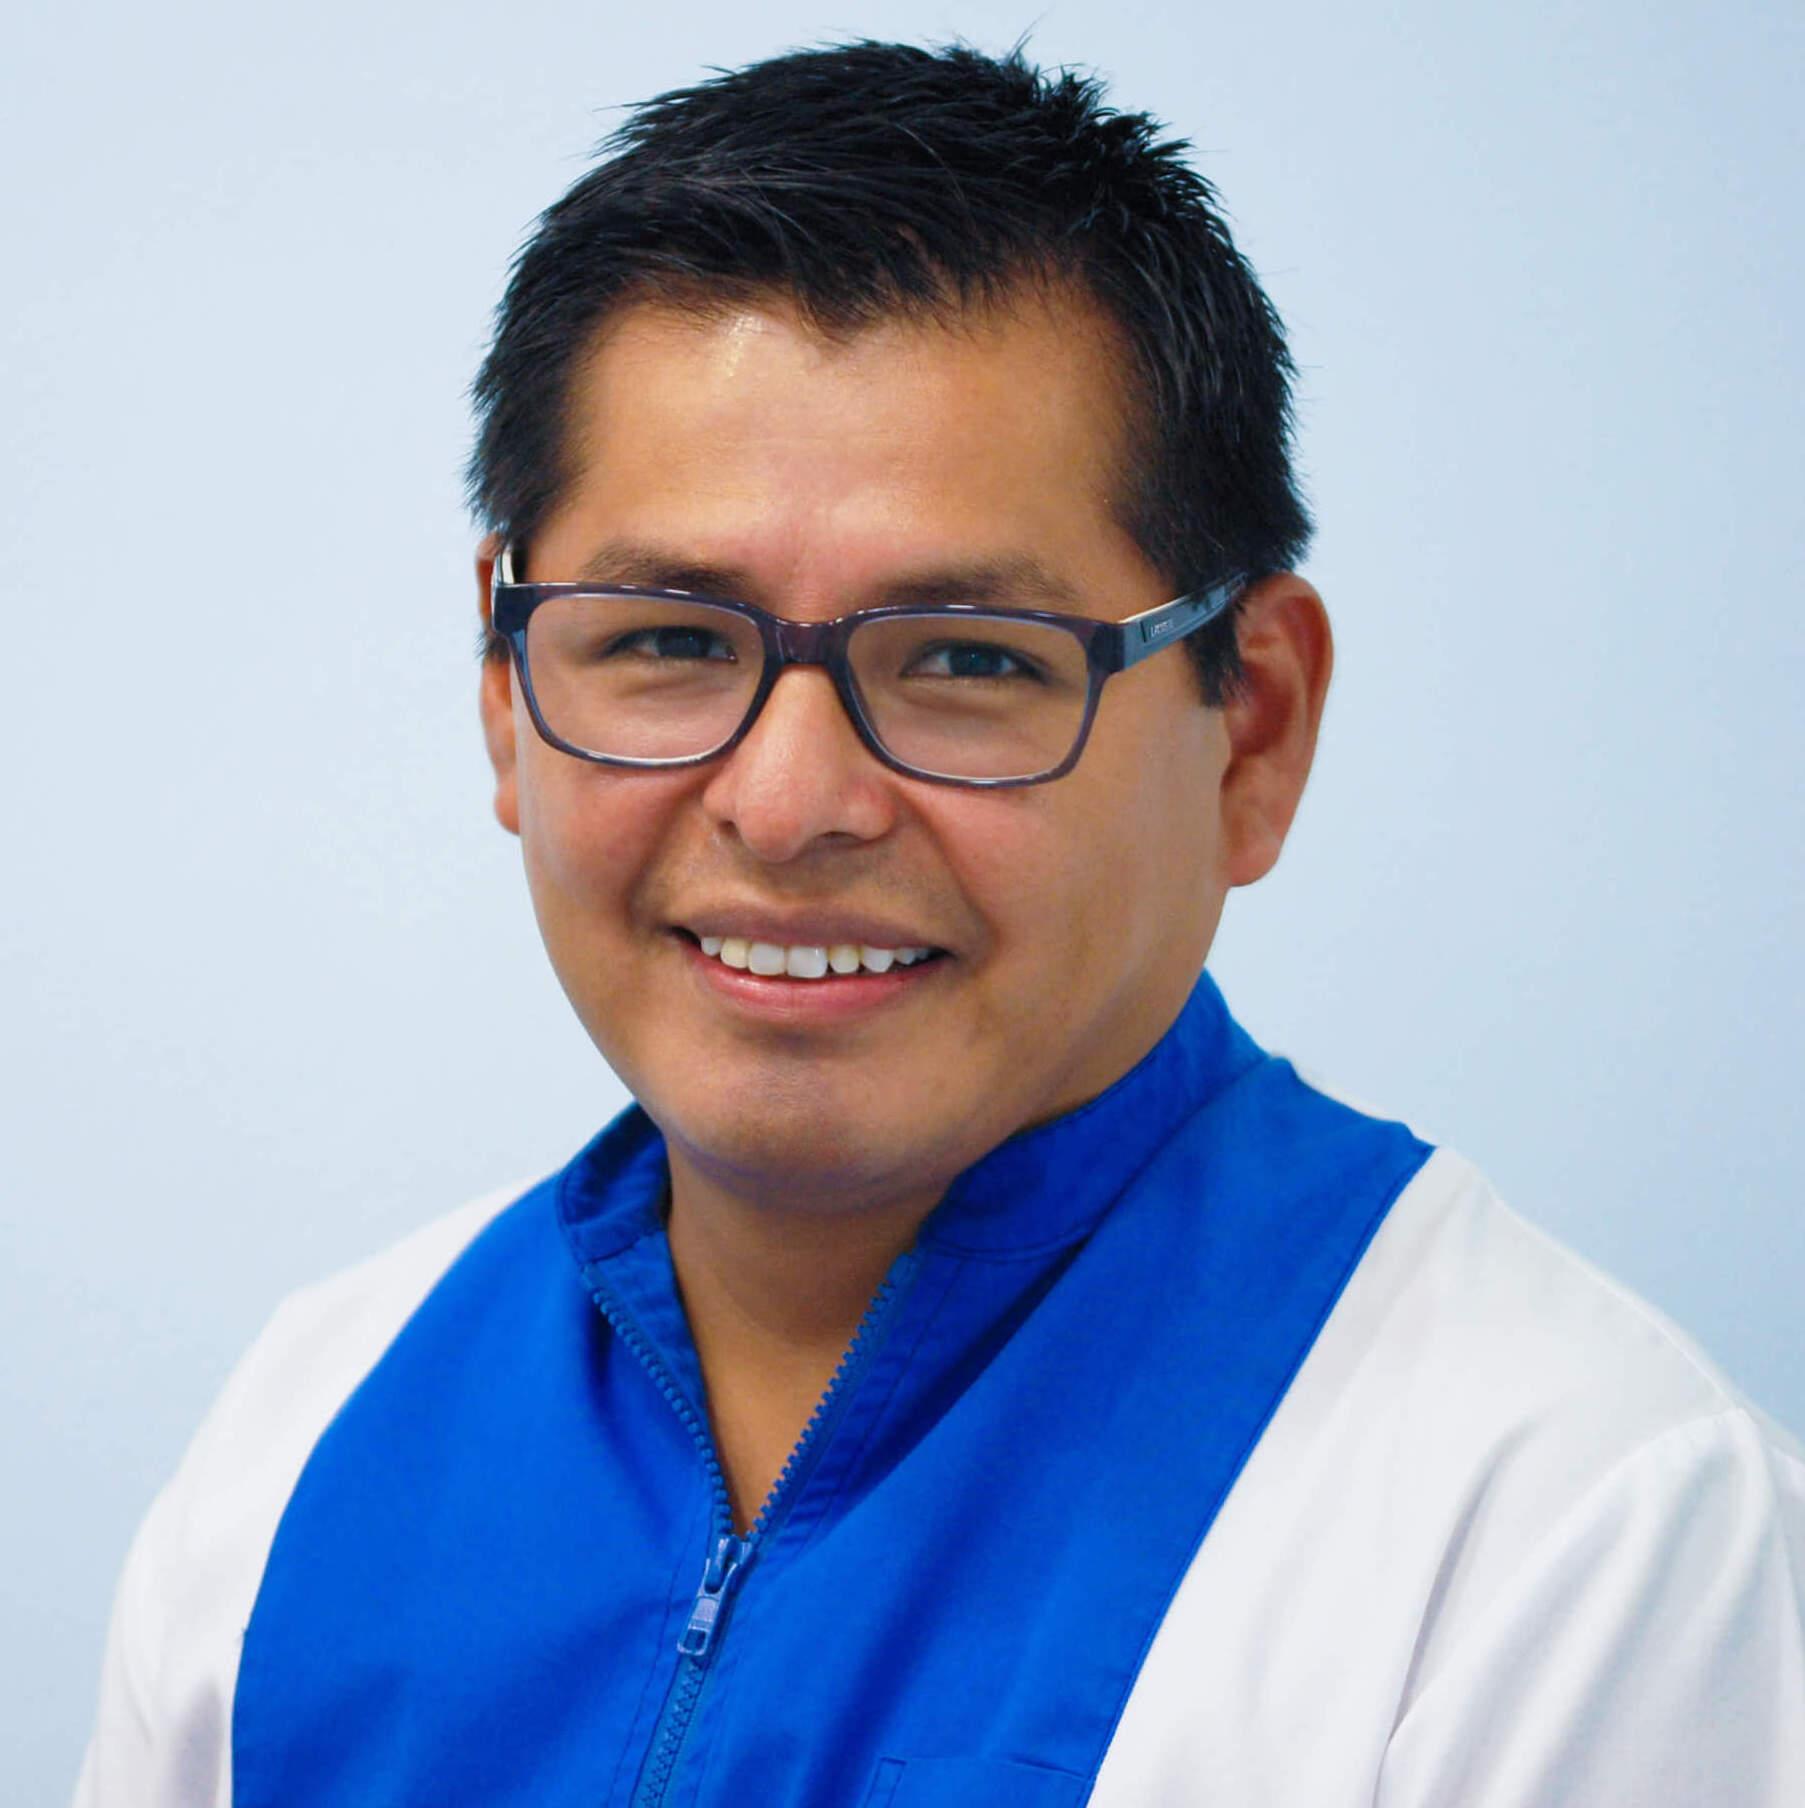 Santiago Arroyo cuadrado ps